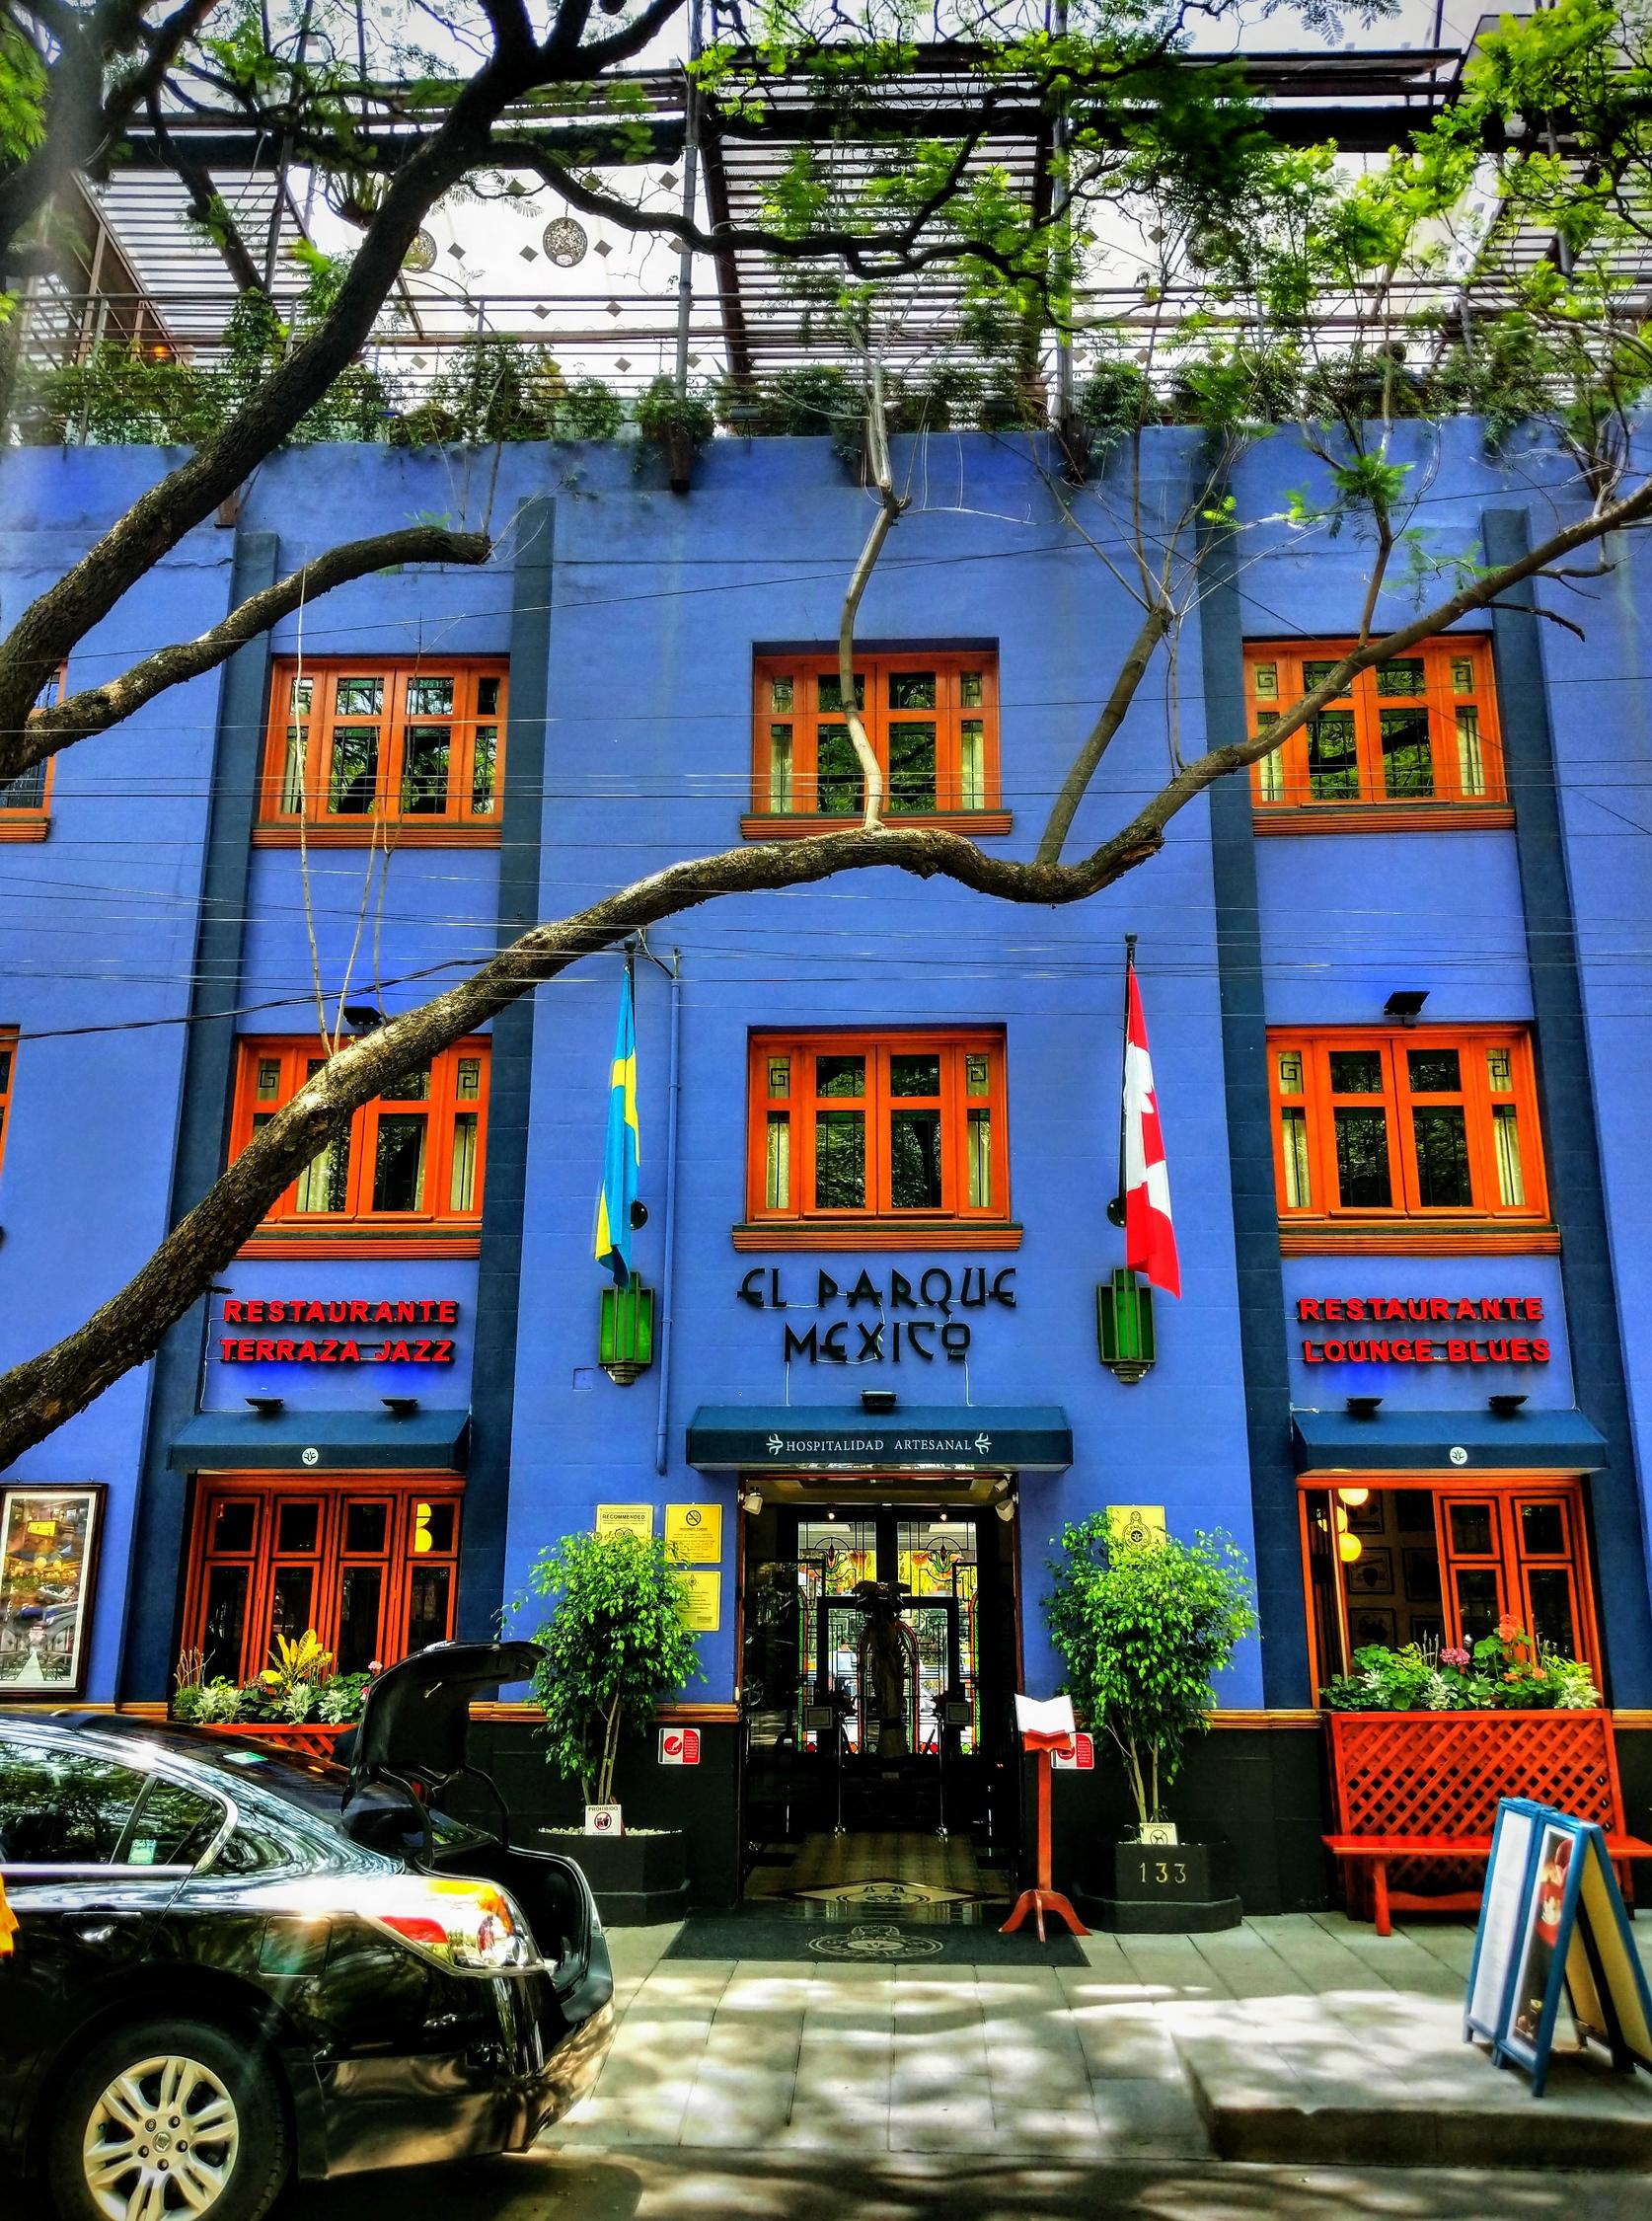 El Parque Hotel in Mexico City